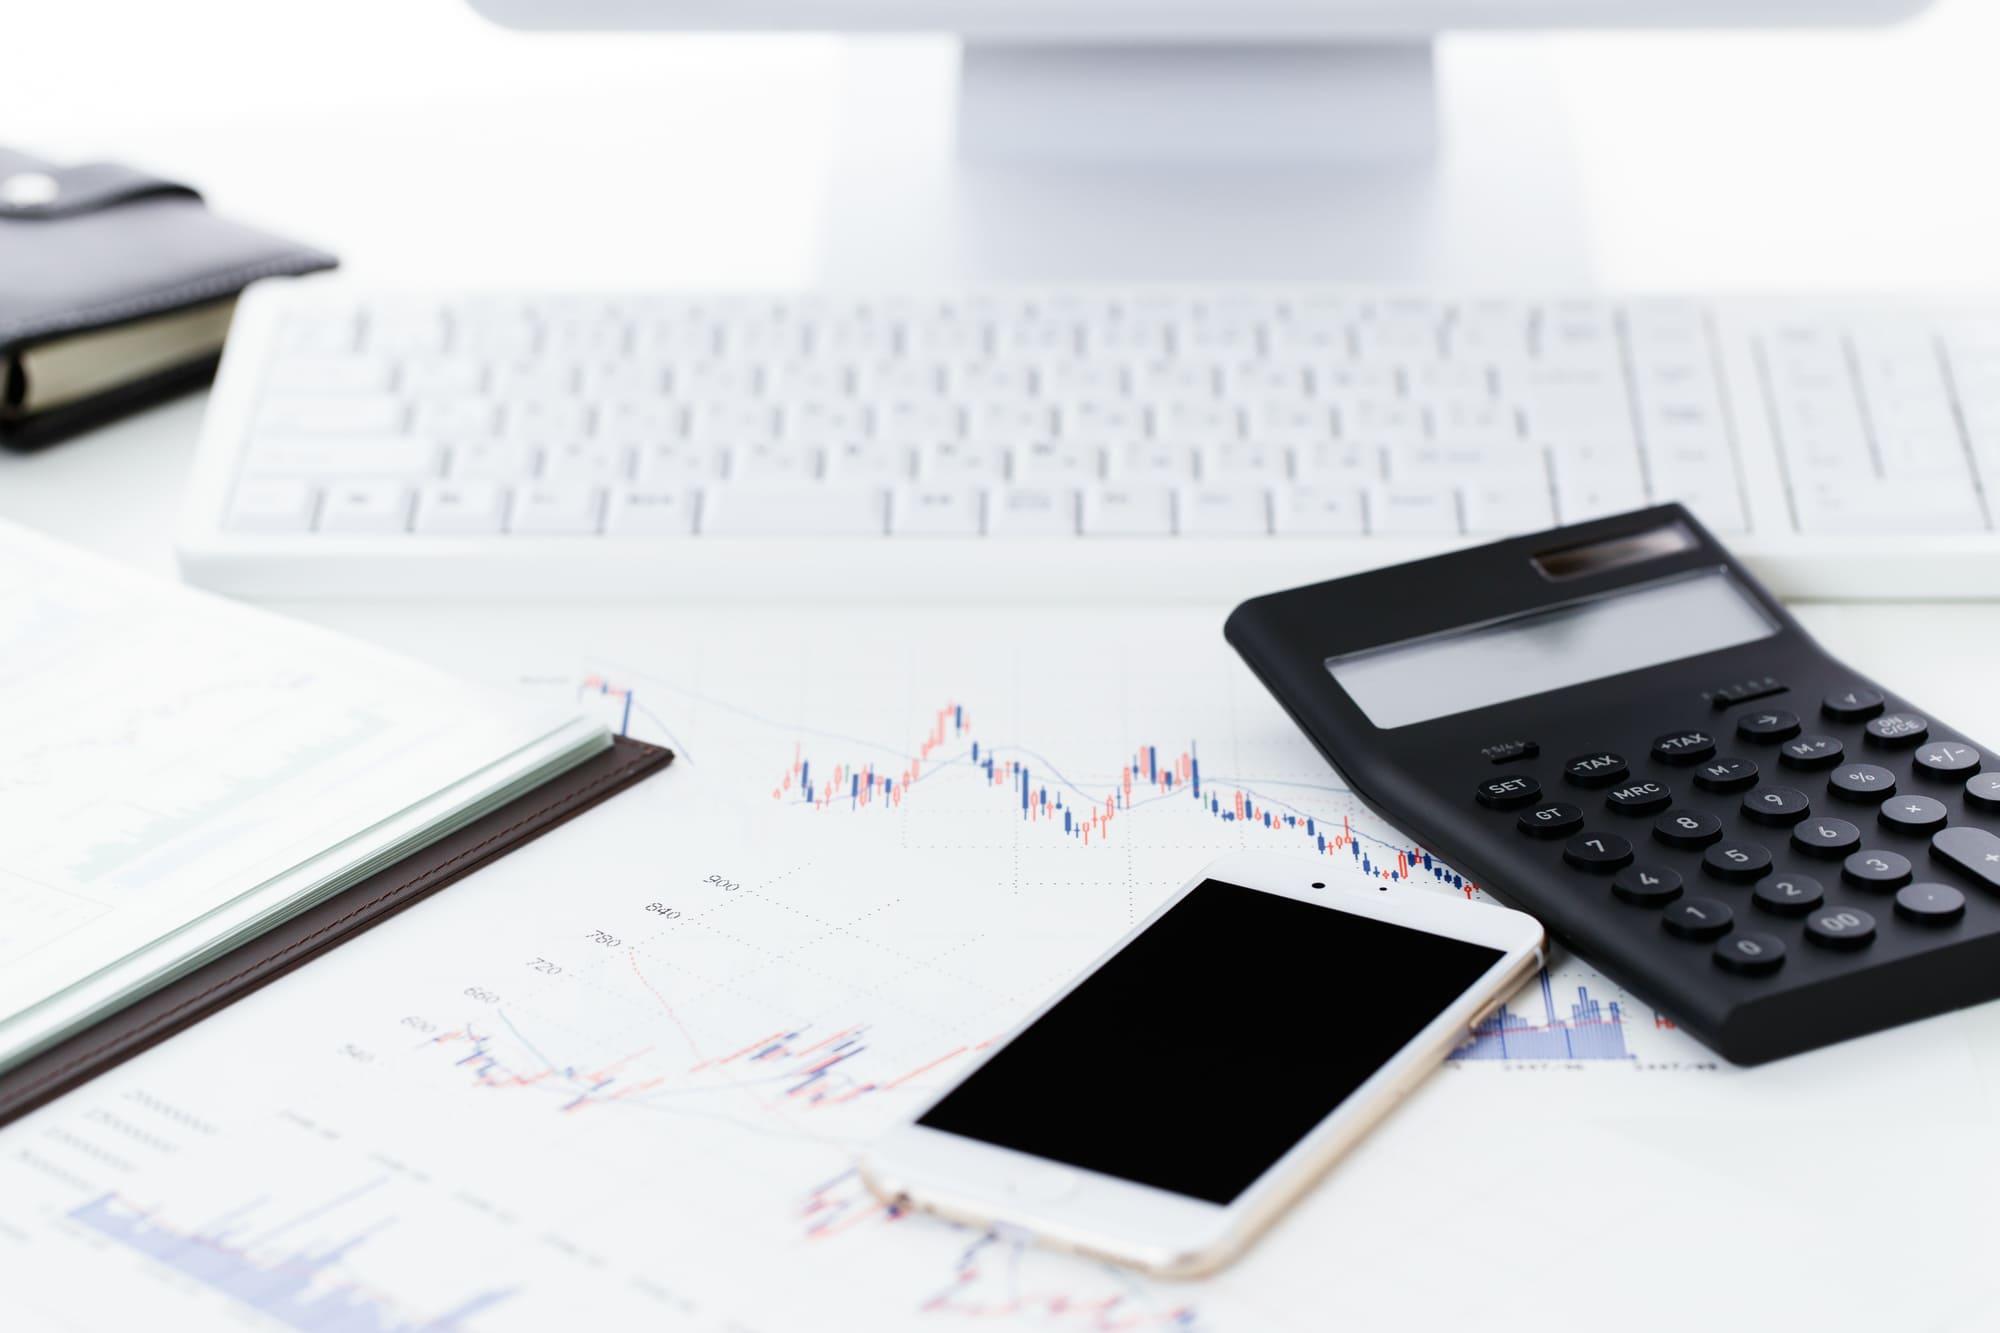 クレディセゾンがクレジットカードで投信積立ができる「セゾンポケット」のサービスを開始